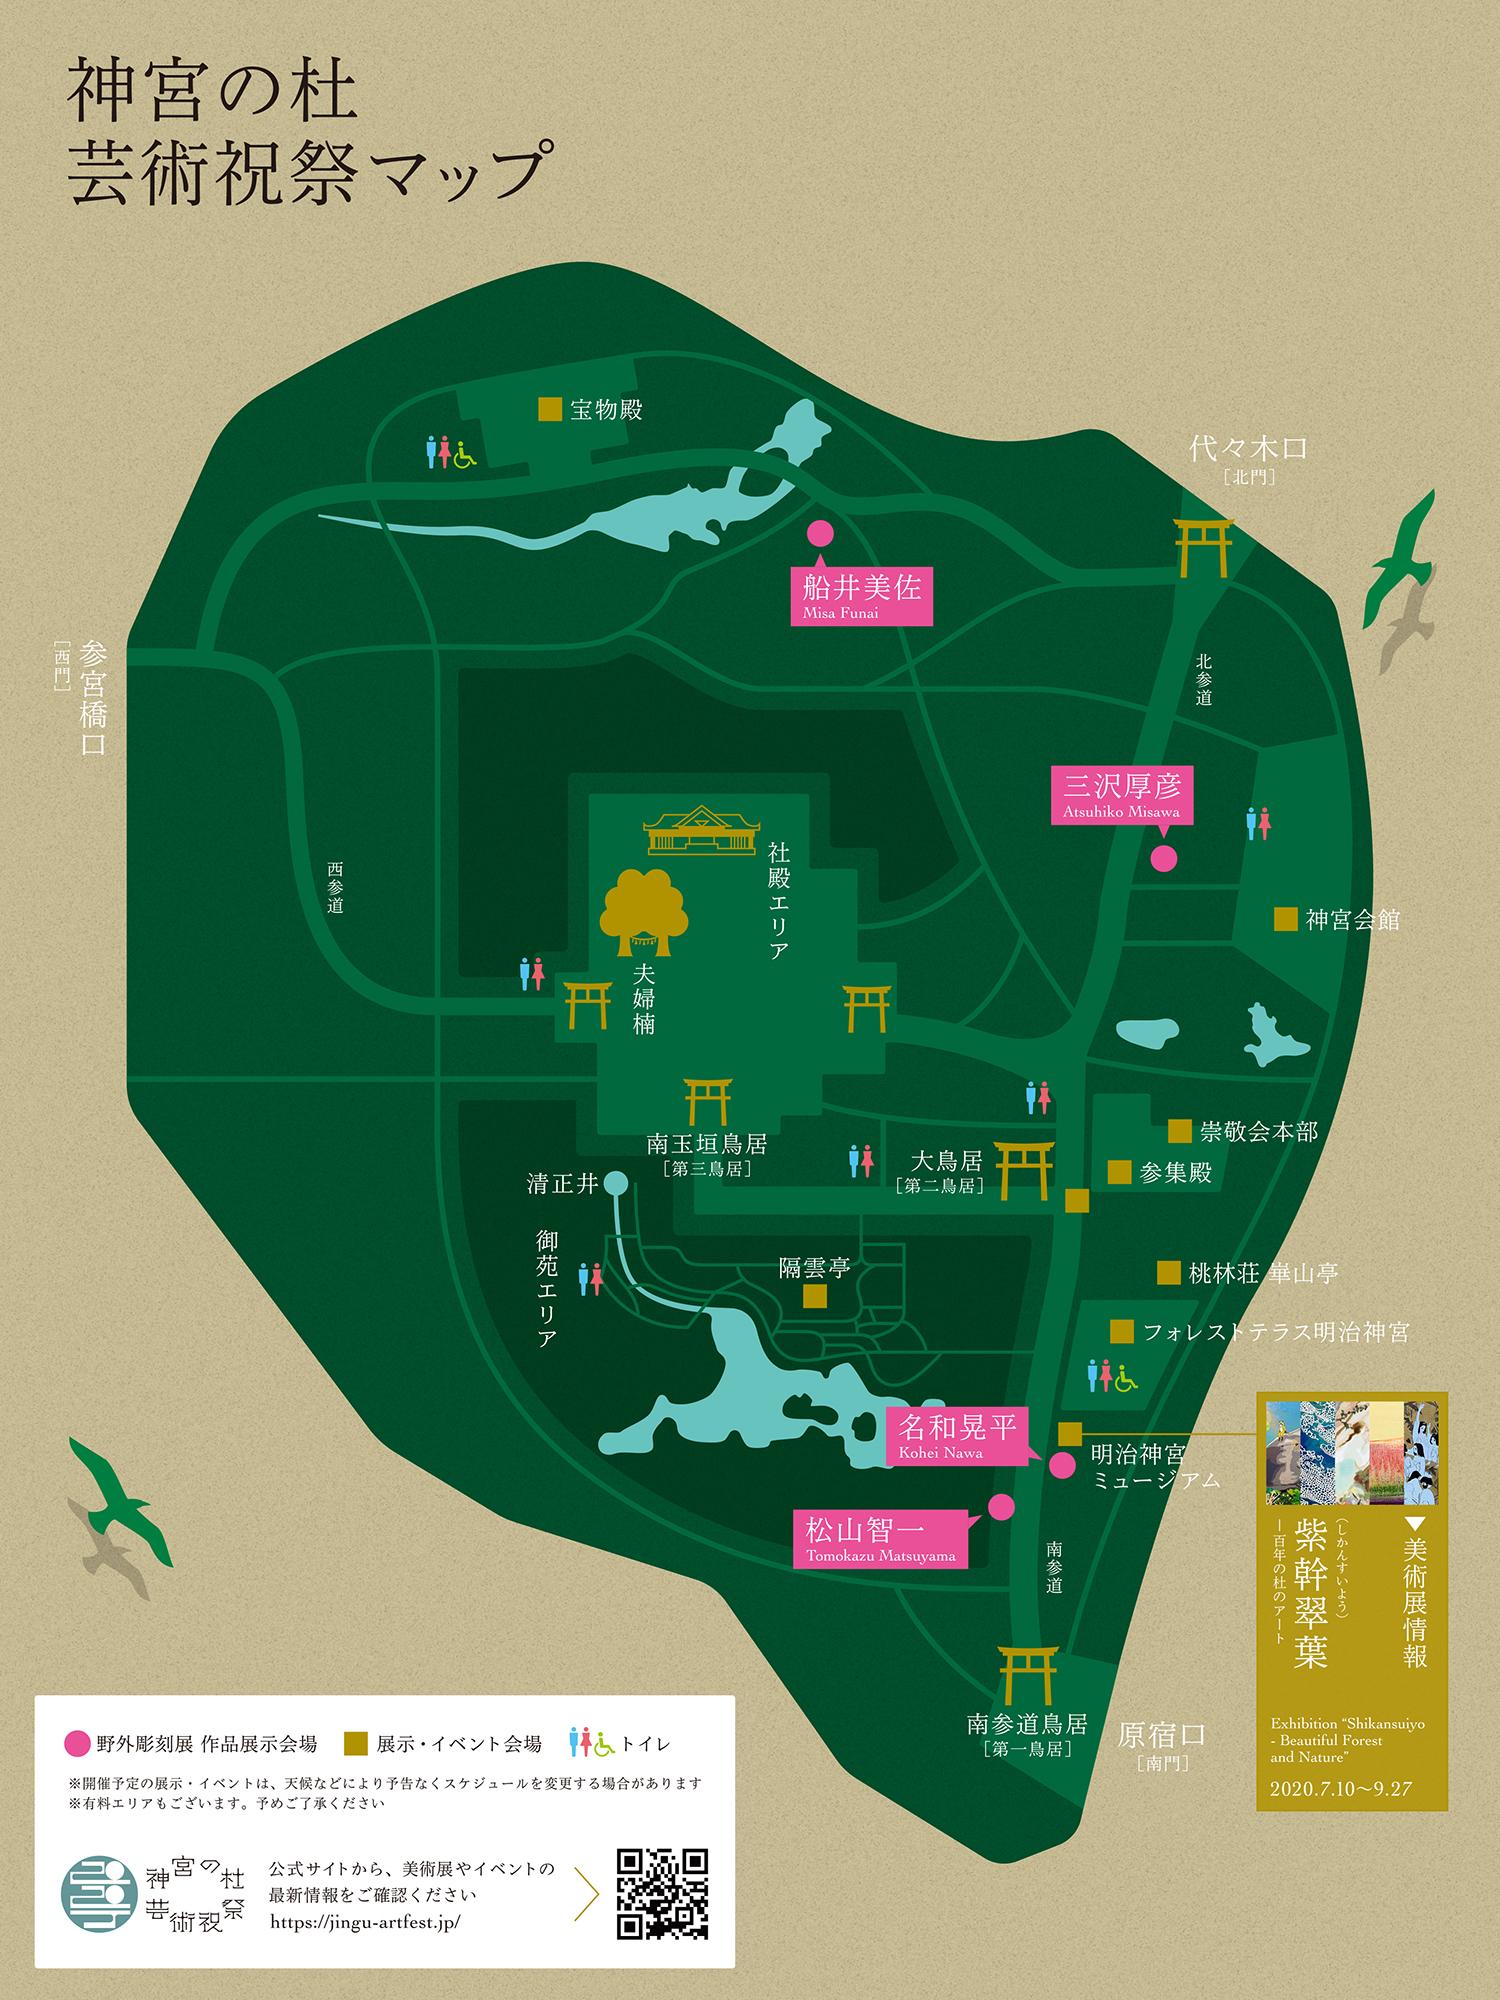 神宮の杜芸術祝祭マップ(紫幹翆葉)